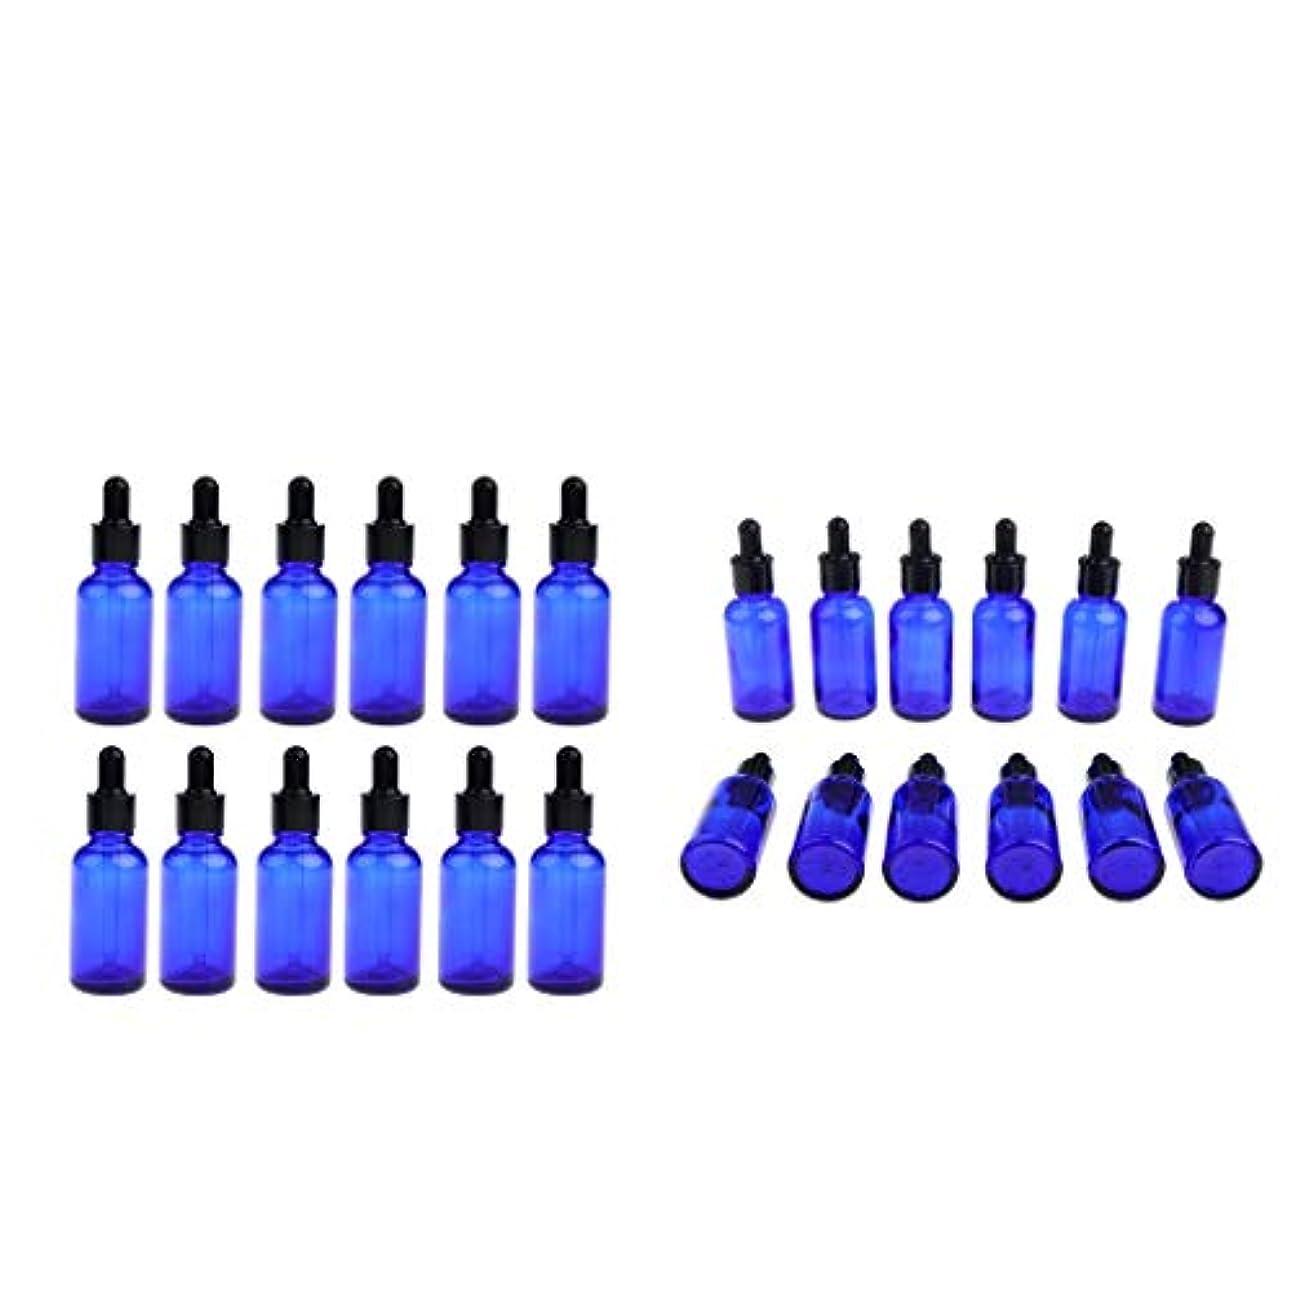 彼自身断言する純粋にdailymall エッセンシャルオイル詰め替え可能な空のドロッパーボトル-24ピースガラスボトルDIYブレンド用品アクセサリー